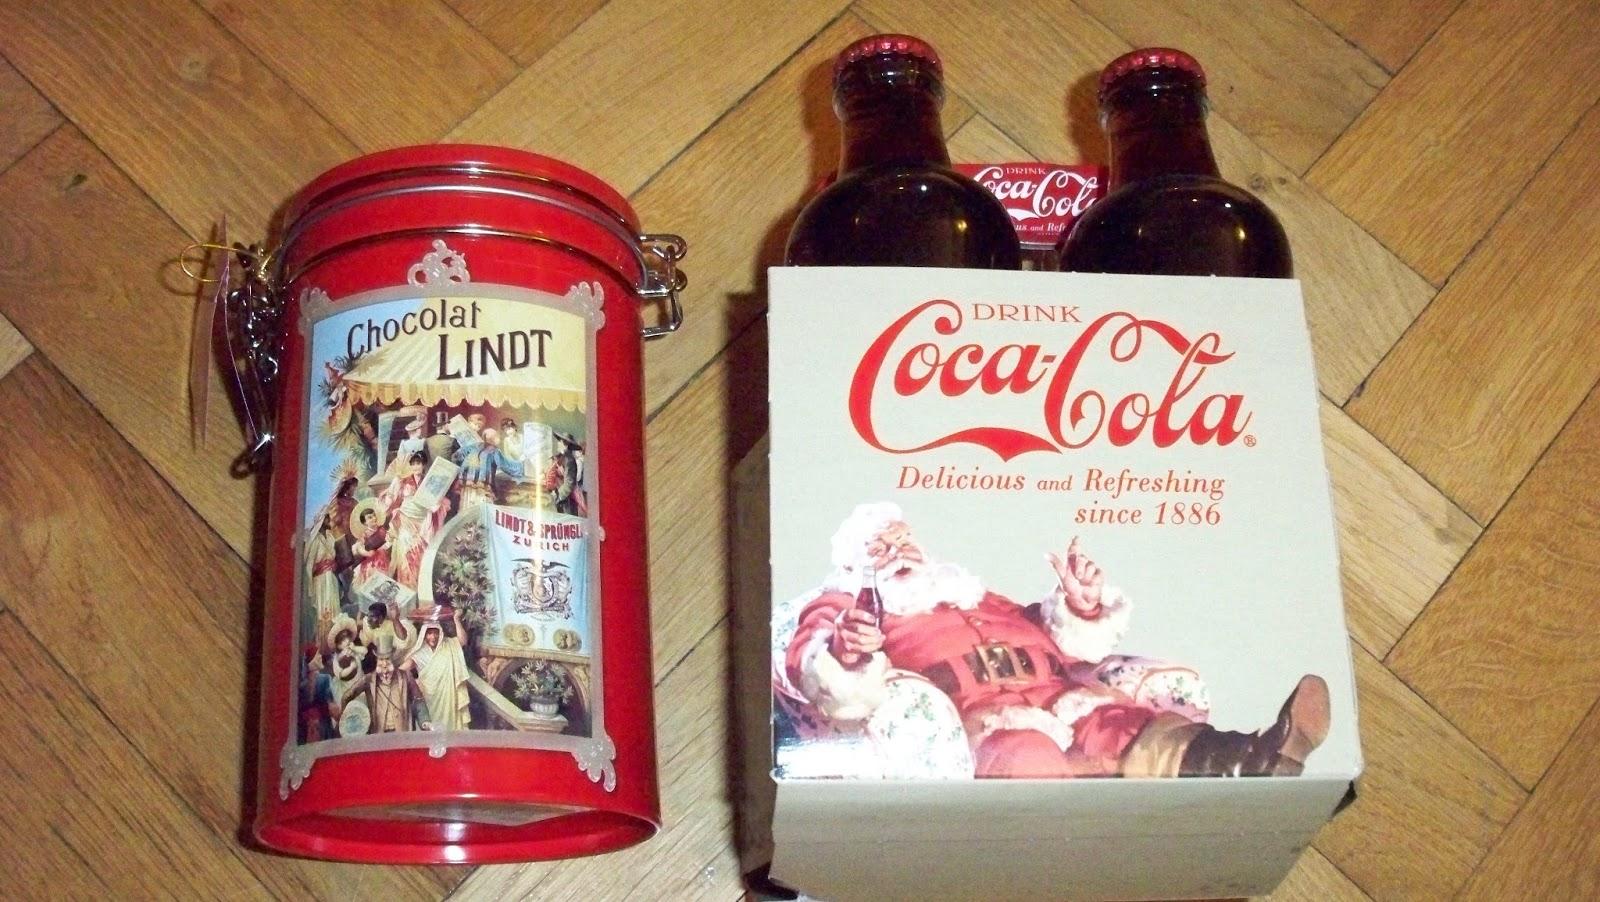 Mikołajkowy prezent od P. i limitka coca-cola